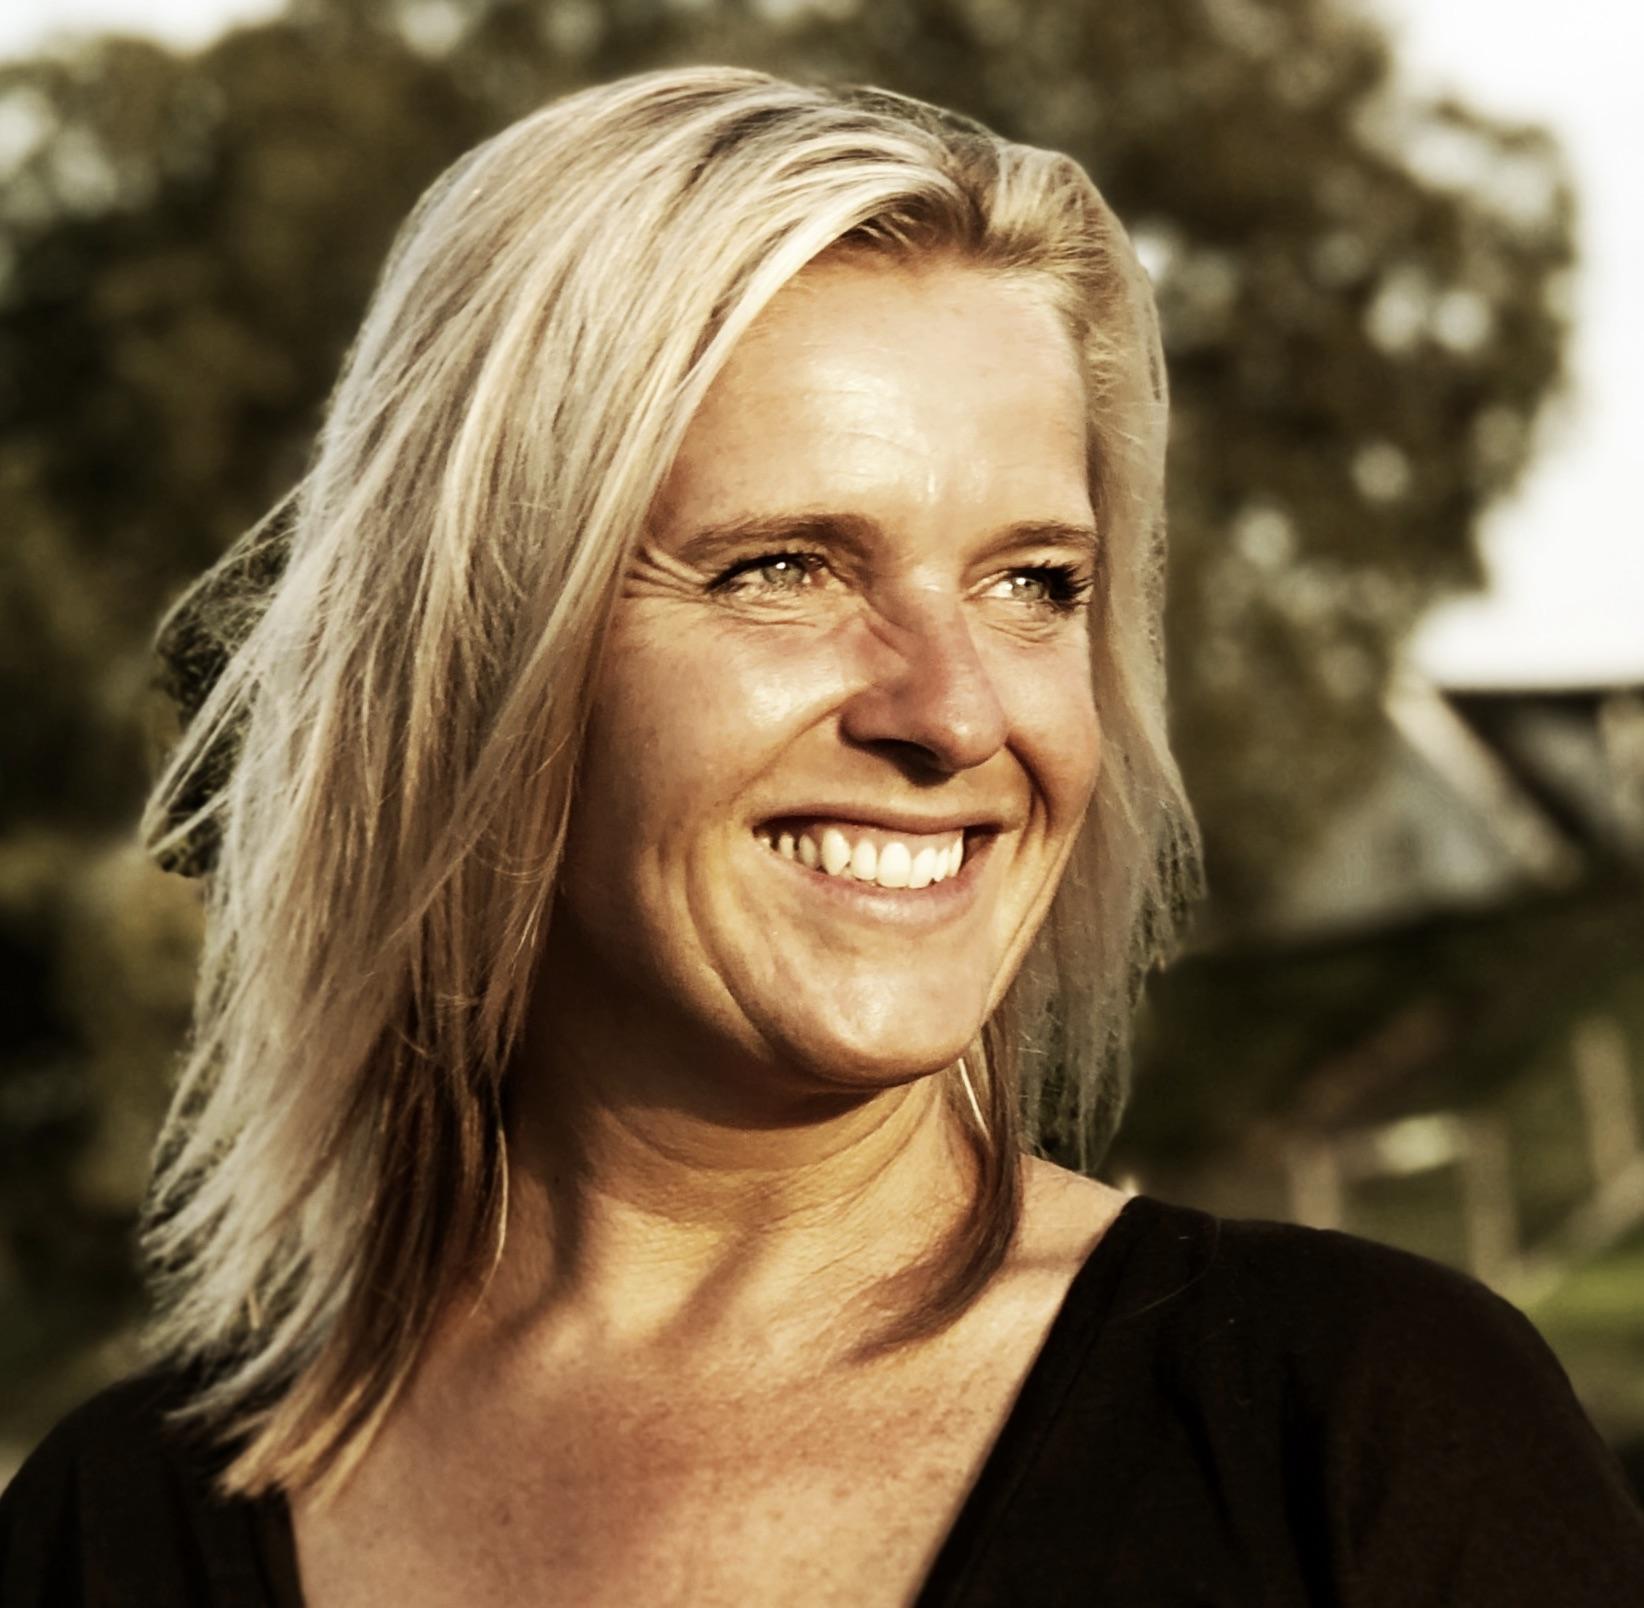 Marieke van den Berg